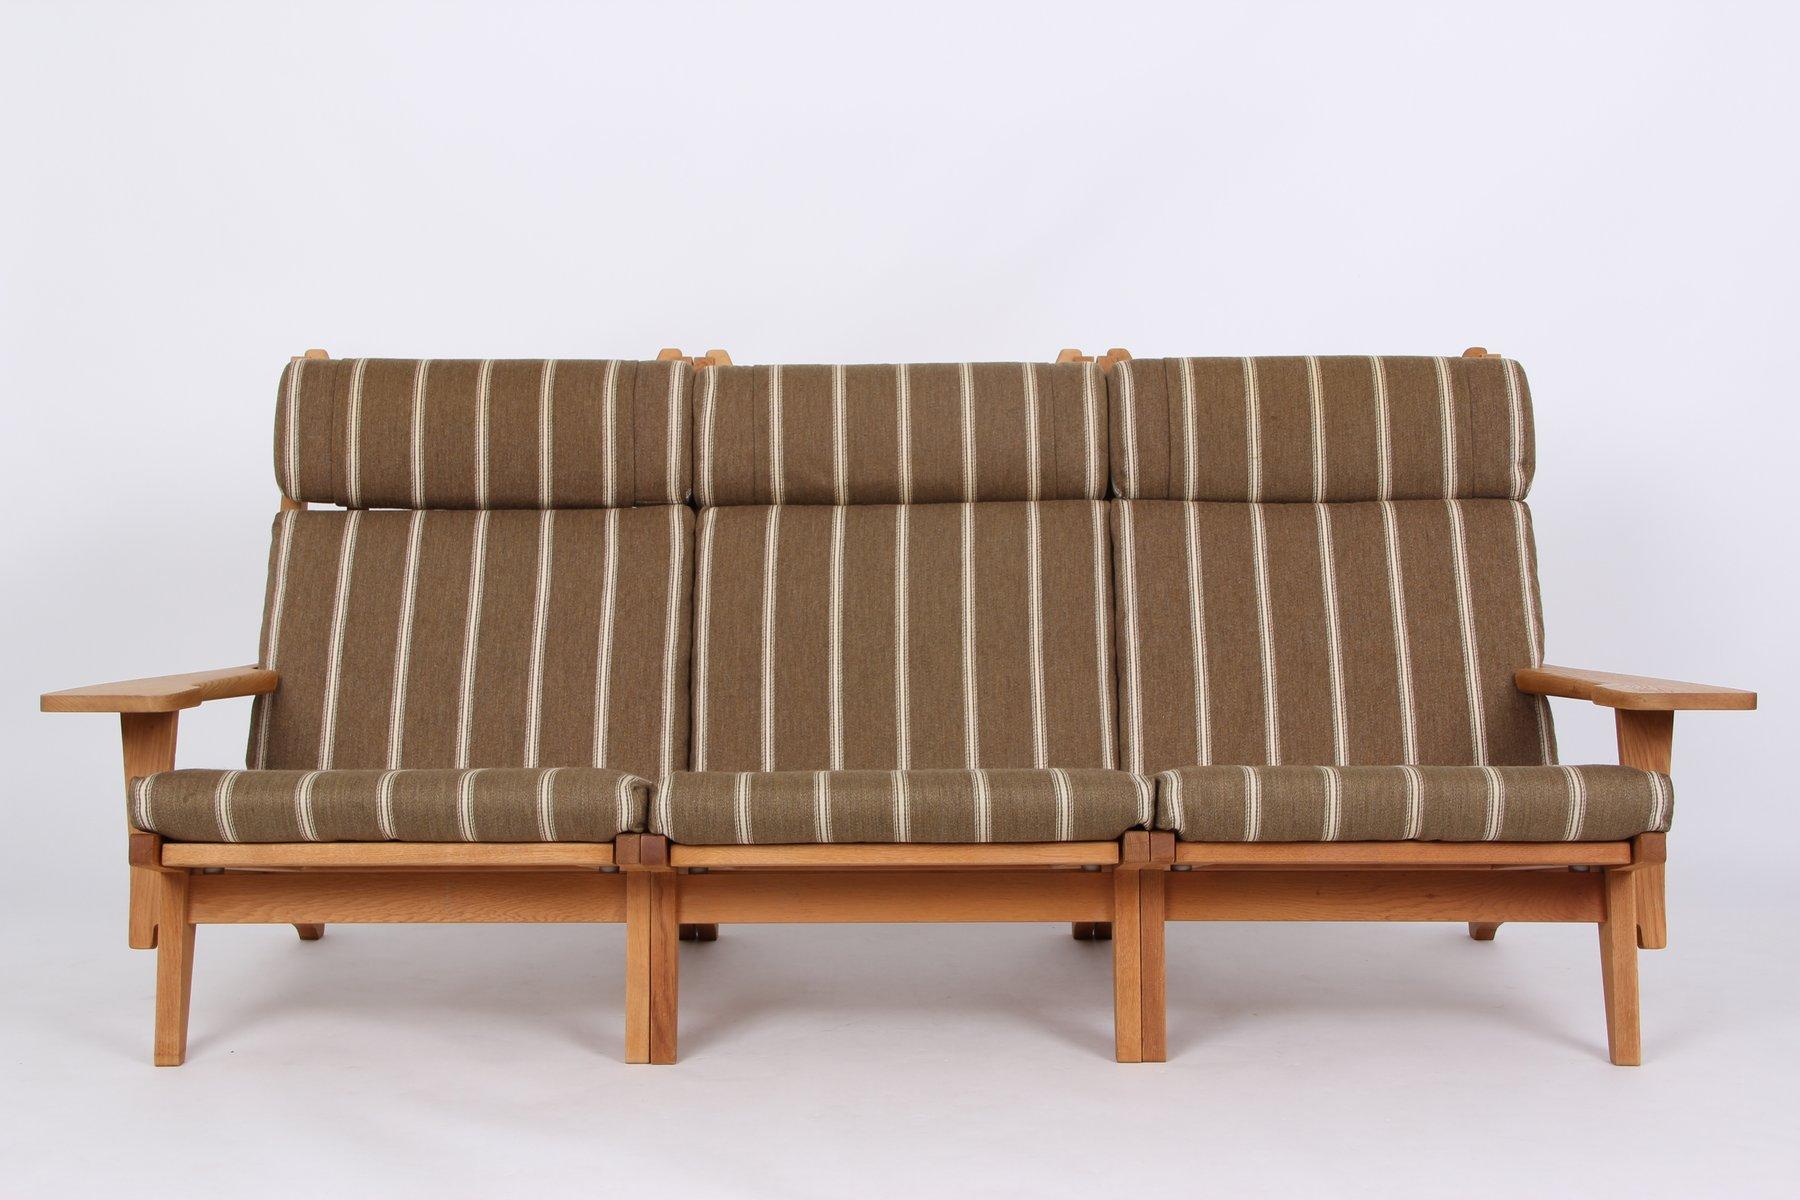 GE375 3-Sitzer Sofa aus Eiche & Wolle von Hans J. Wegner für Getama